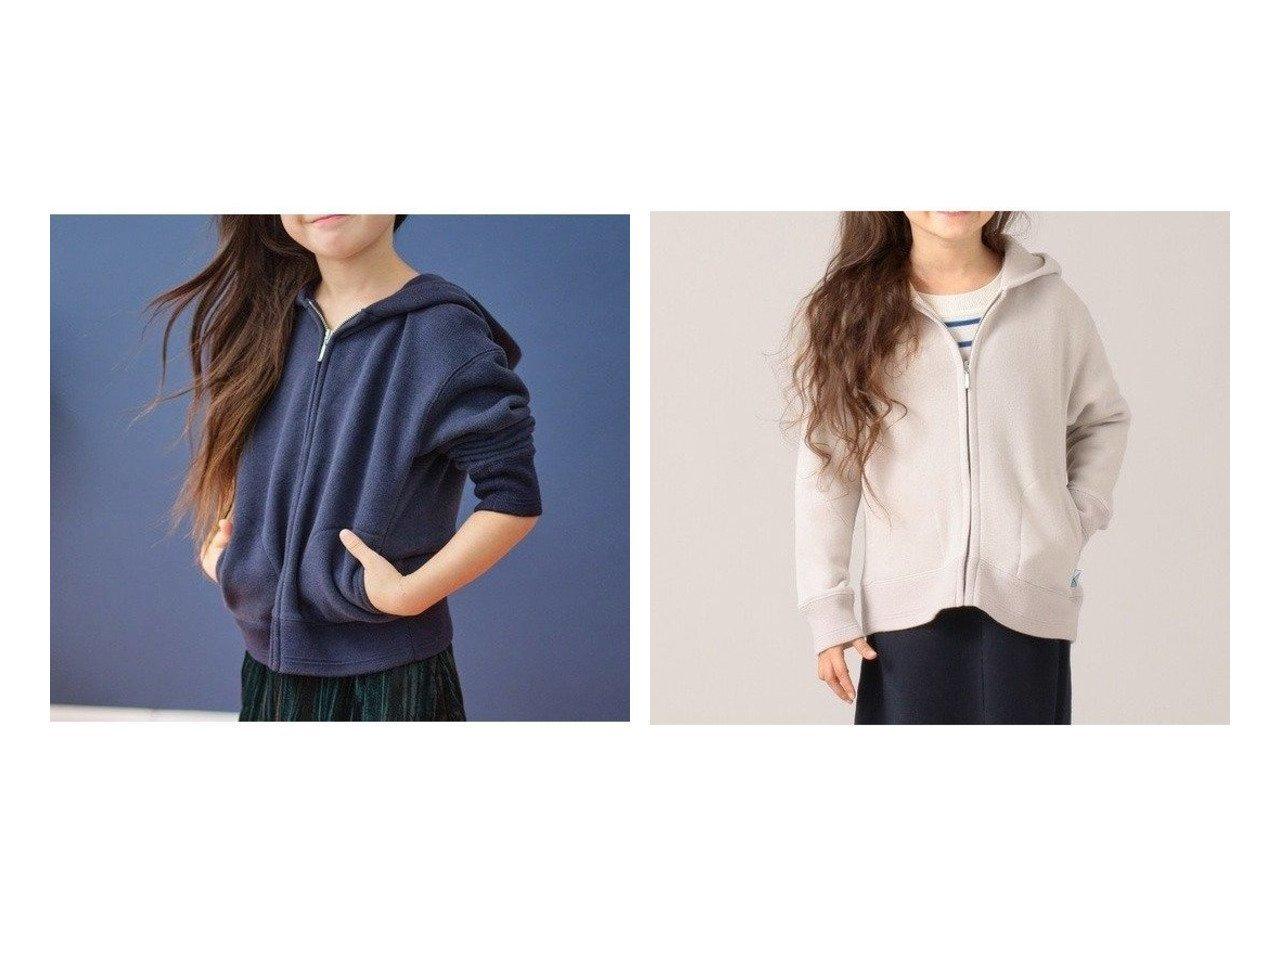 【KUMIKYOKU / KIDS/組曲】の【100-120 】リヨセルコットンパーカー (番号KL49) 【KIDS】子供服のおすすめ!人気トレンド・キッズファッションの通販 おすすめで人気の流行・トレンド、ファッションの通販商品 メンズファッション・キッズファッション・インテリア・家具・レディースファッション・服の通販 founy(ファニー) https://founy.com/ ファッション Fashion キッズファッション KIDS トップス Tops Tees Kids 秋 Autumn/Fall シンプル バランス パーカー ベーシック ルーズ A/W 秋冬 AW Autumn/Winter / FW Fall-Winter 2020年 2020 2020-2021 秋冬 A/W AW Autumn/Winter / FW Fall-Winter 2020-2021 送料無料 Free Shipping  ID:crp329100000013250